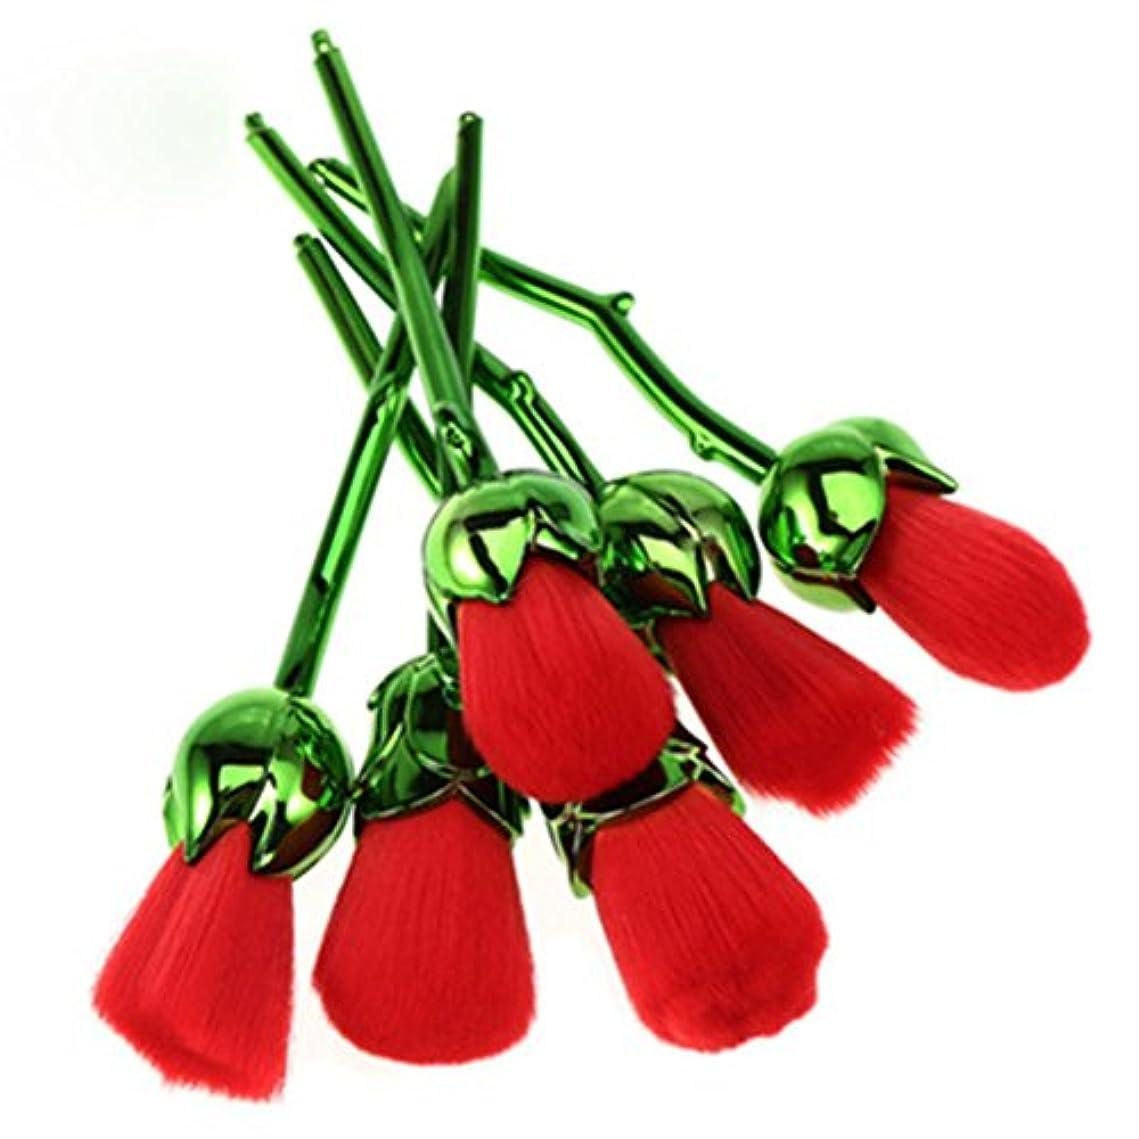 鉱石主婦薄汚いディラビューティー(Dilla Beauty) メイクブラシ 薔薇 メイクブラシセット 人気 ファンデーションブラシ 化粧筆 可愛い 化粧ブラシ セット パウダーブラシ フェイスブラシ ローズ メイクブラシ 6本セット ケース付き (グリーン - レッド)